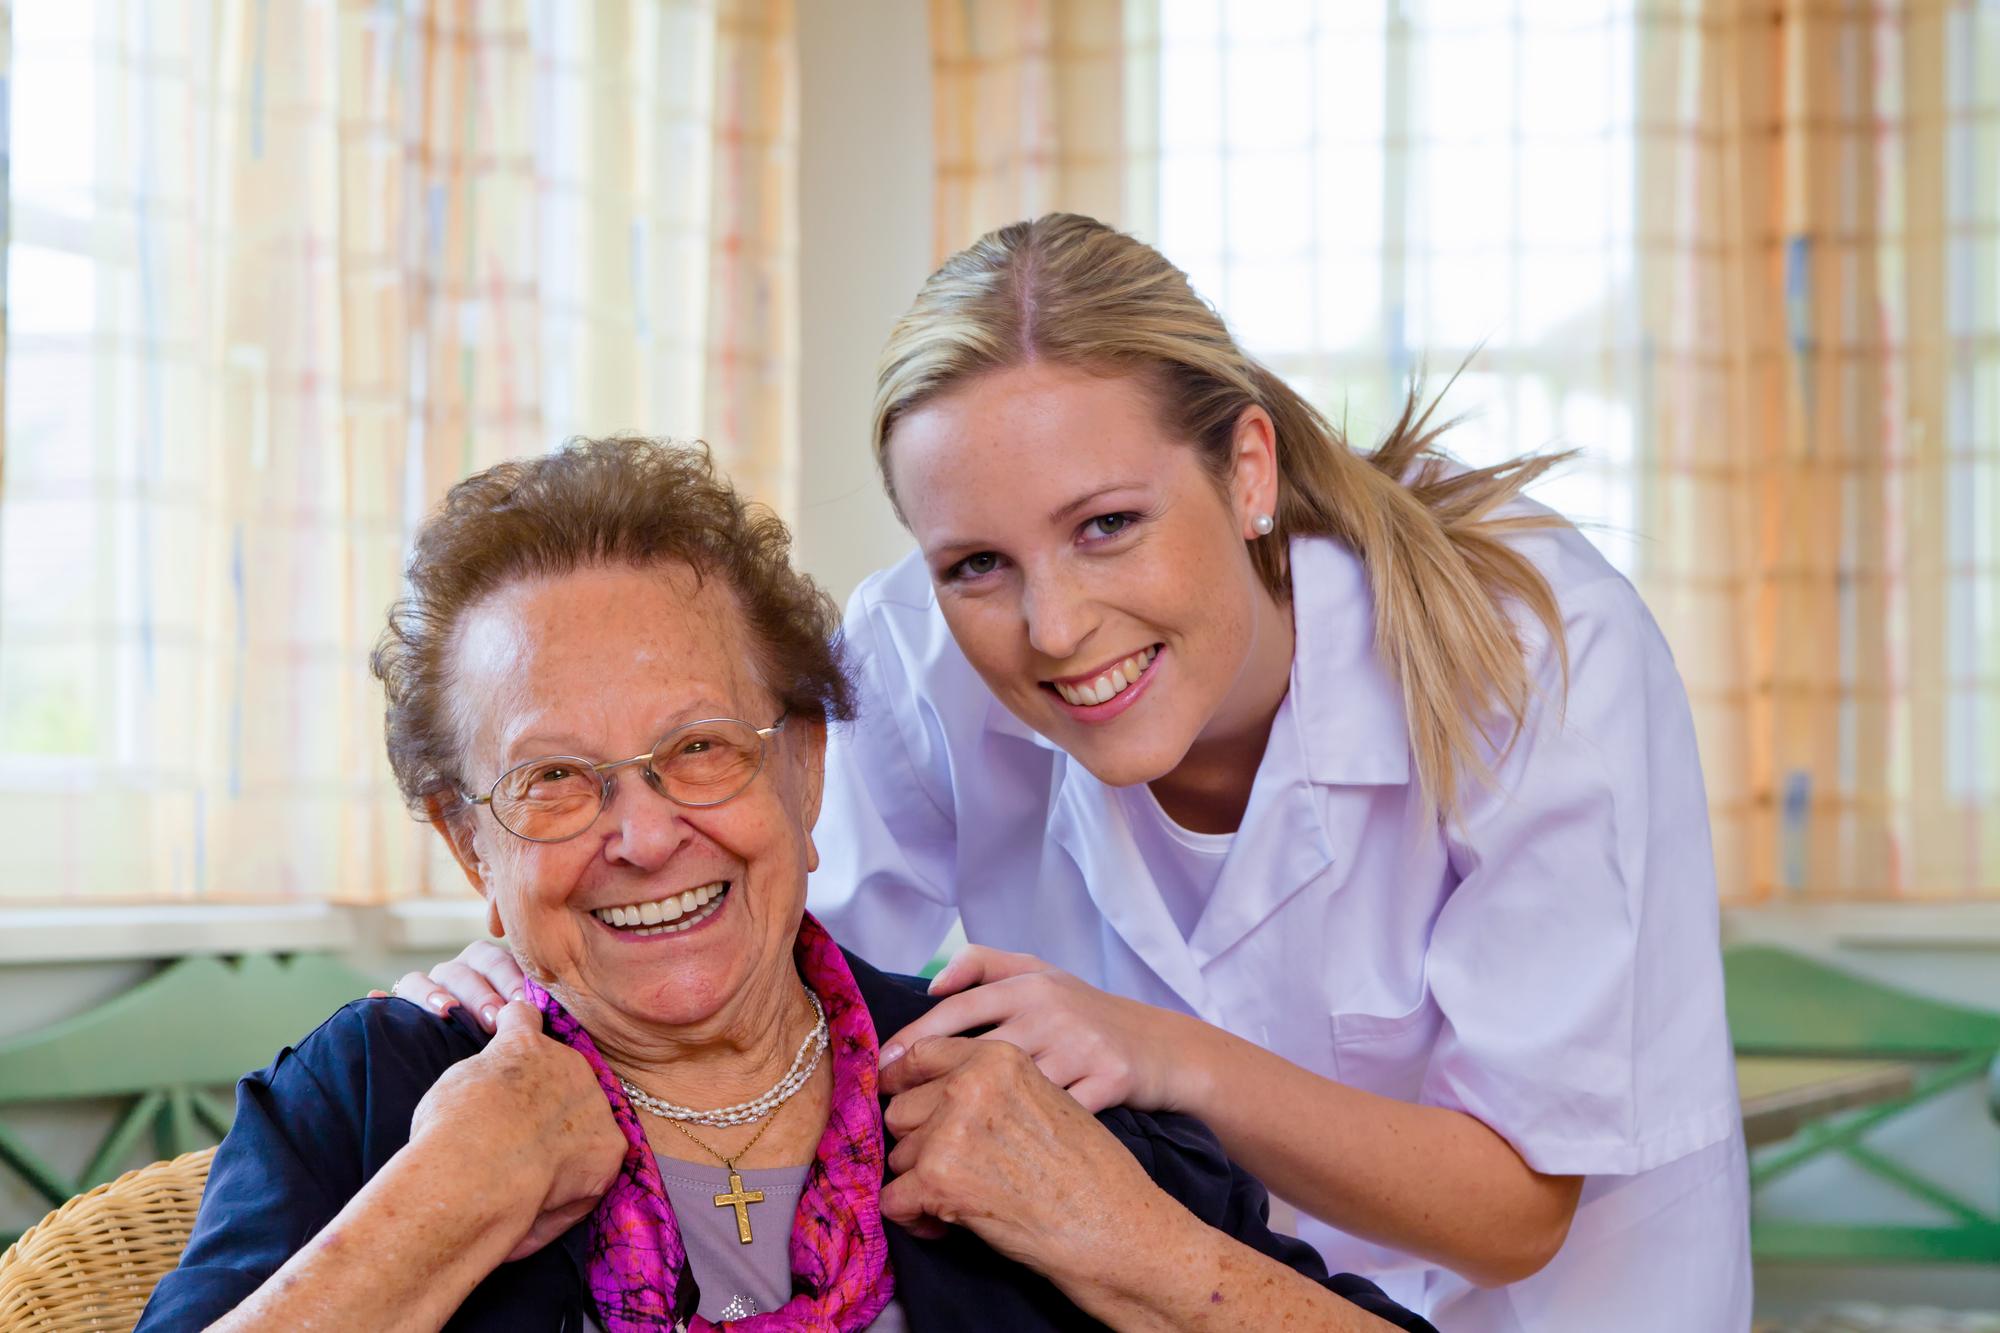 Jak znaleźć dobrego opiekuna dla swojego seniora? - Zdjęcie główne